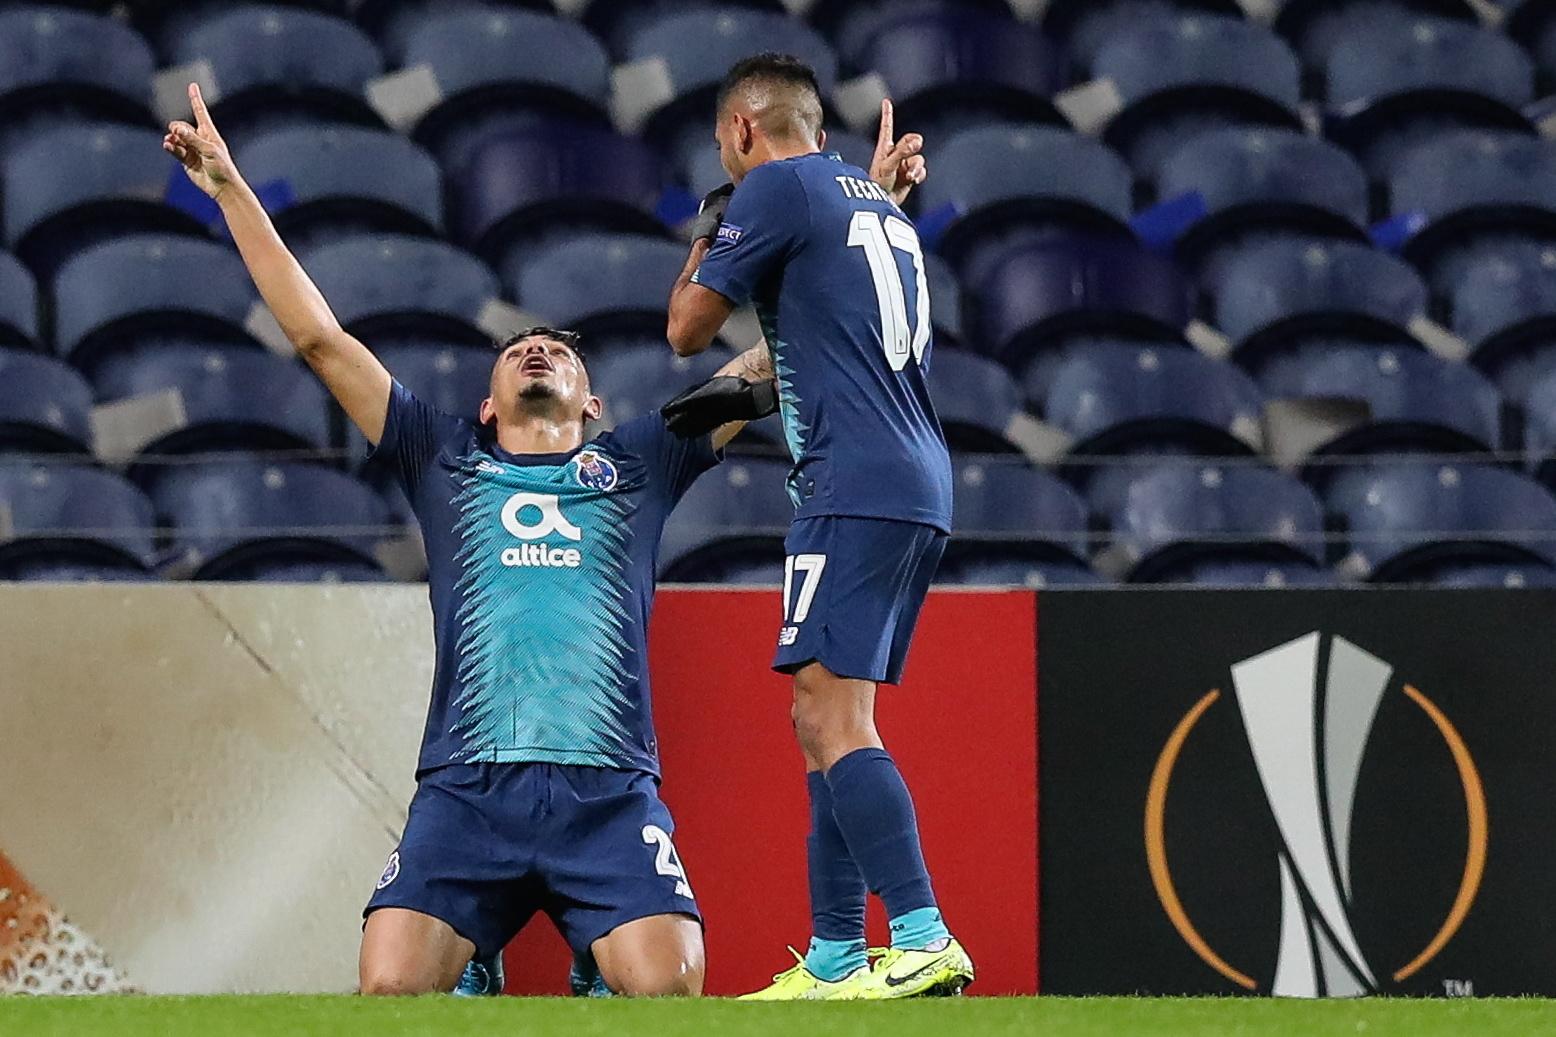 Cinco golos em 35 minutos e uma defesa portista com momentos agoniantes. Assim foi o FC Porto 3-2 Feyenoord